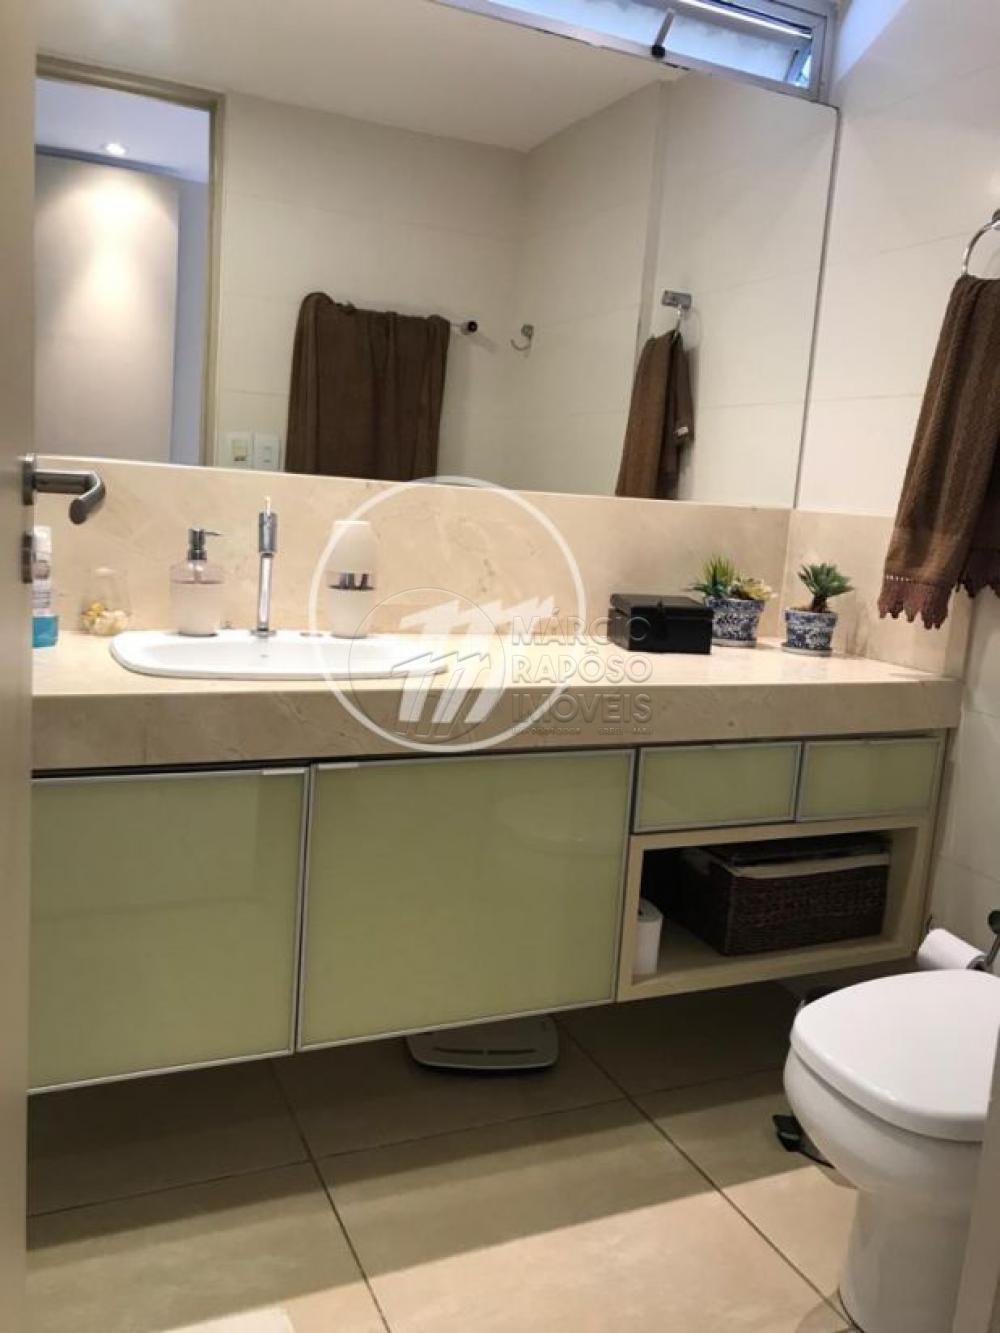 Comprar Apartamento / Padrão em Maceió apenas R$ 1.100.000,00 - Foto 9